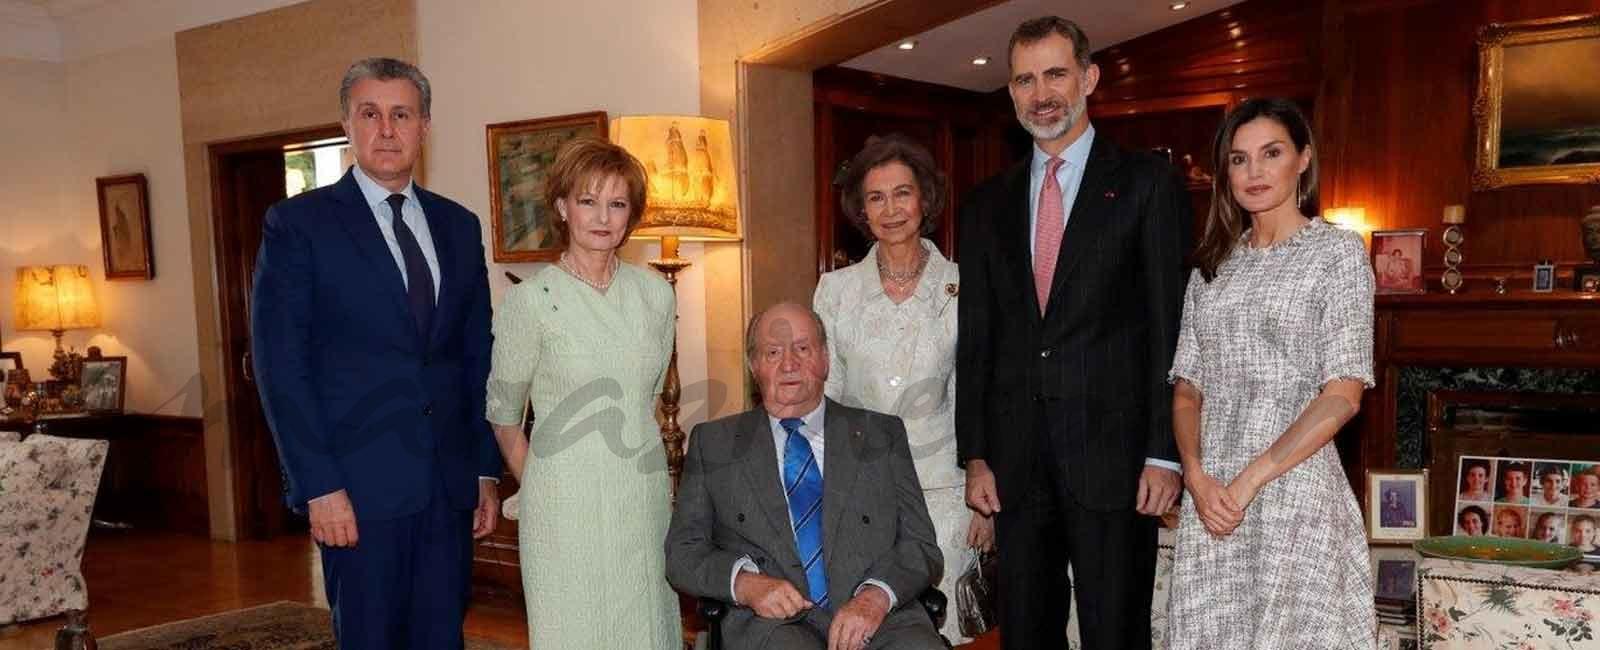 Los reyes Felipe y Letizia y los reyes Juan Carlos y Sofía, almuerzo con Margareta y Radu de Rumanía